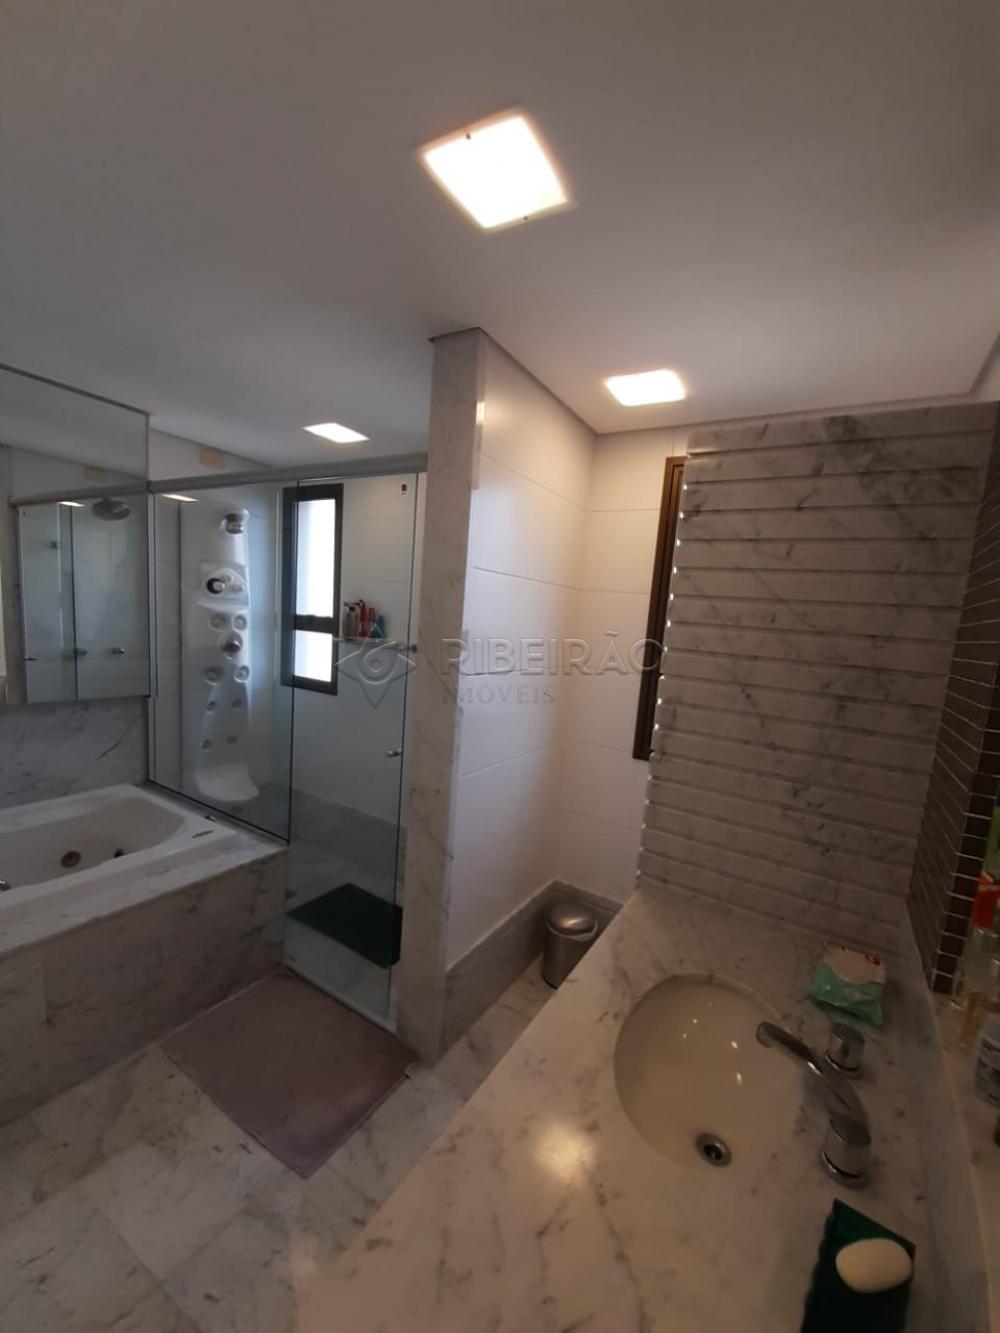 Comprar Apartamento / Padrão em Ribeirão Preto apenas R$ 1.400.000,00 - Foto 17